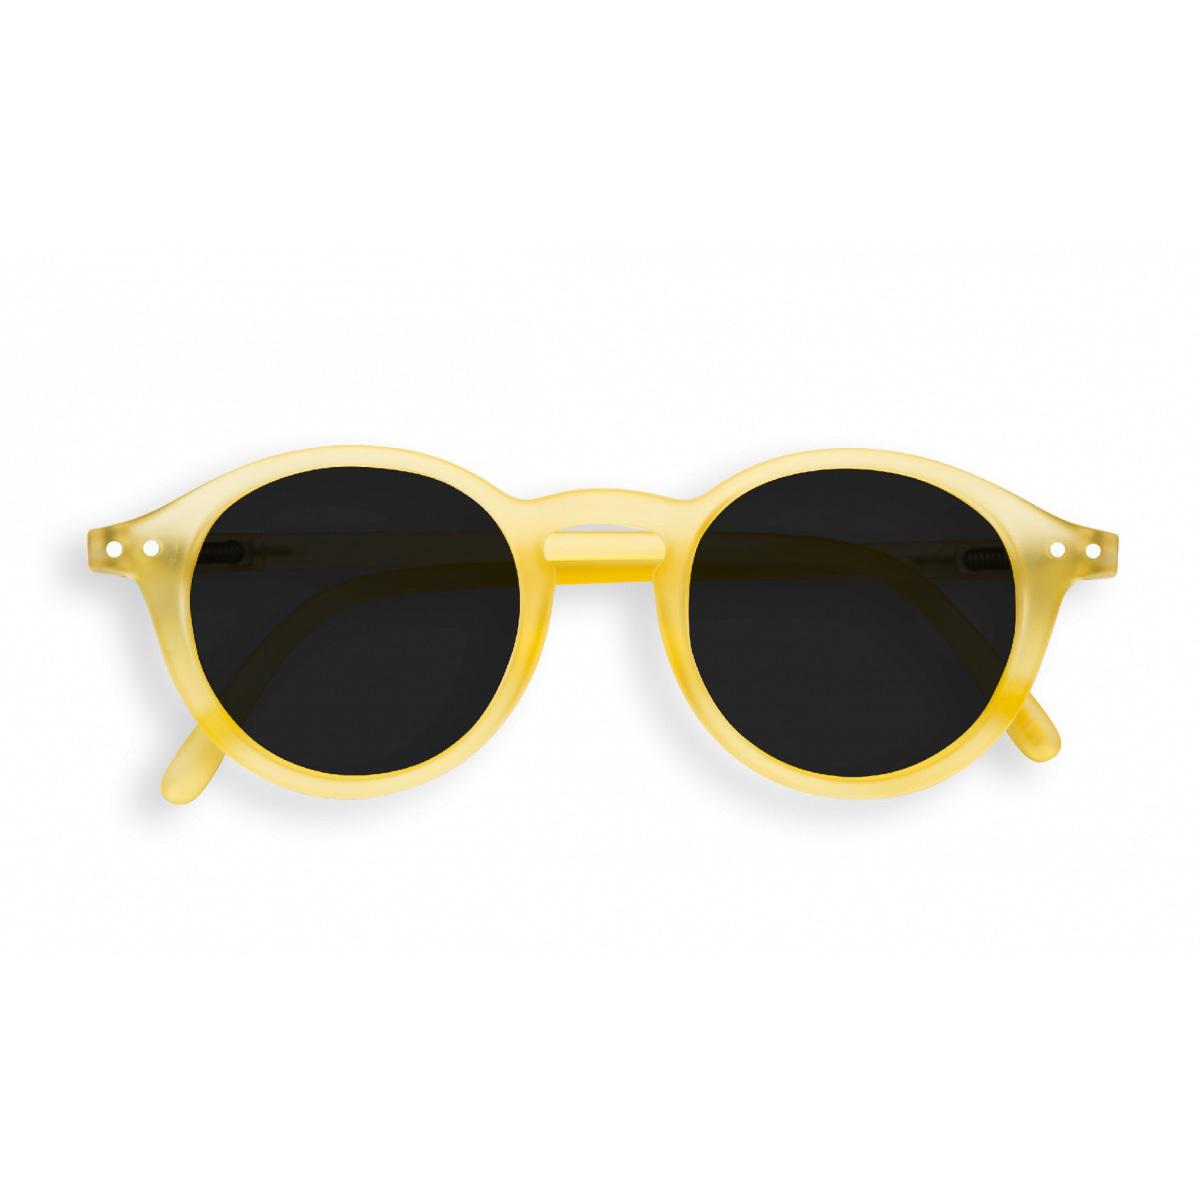 Accessoires bébé Lunettes de Soleil Junior Yellow Chrome - 3/10 Ans Lunettes de Soleil Junior Yellow Chrome - 3/10 Ans